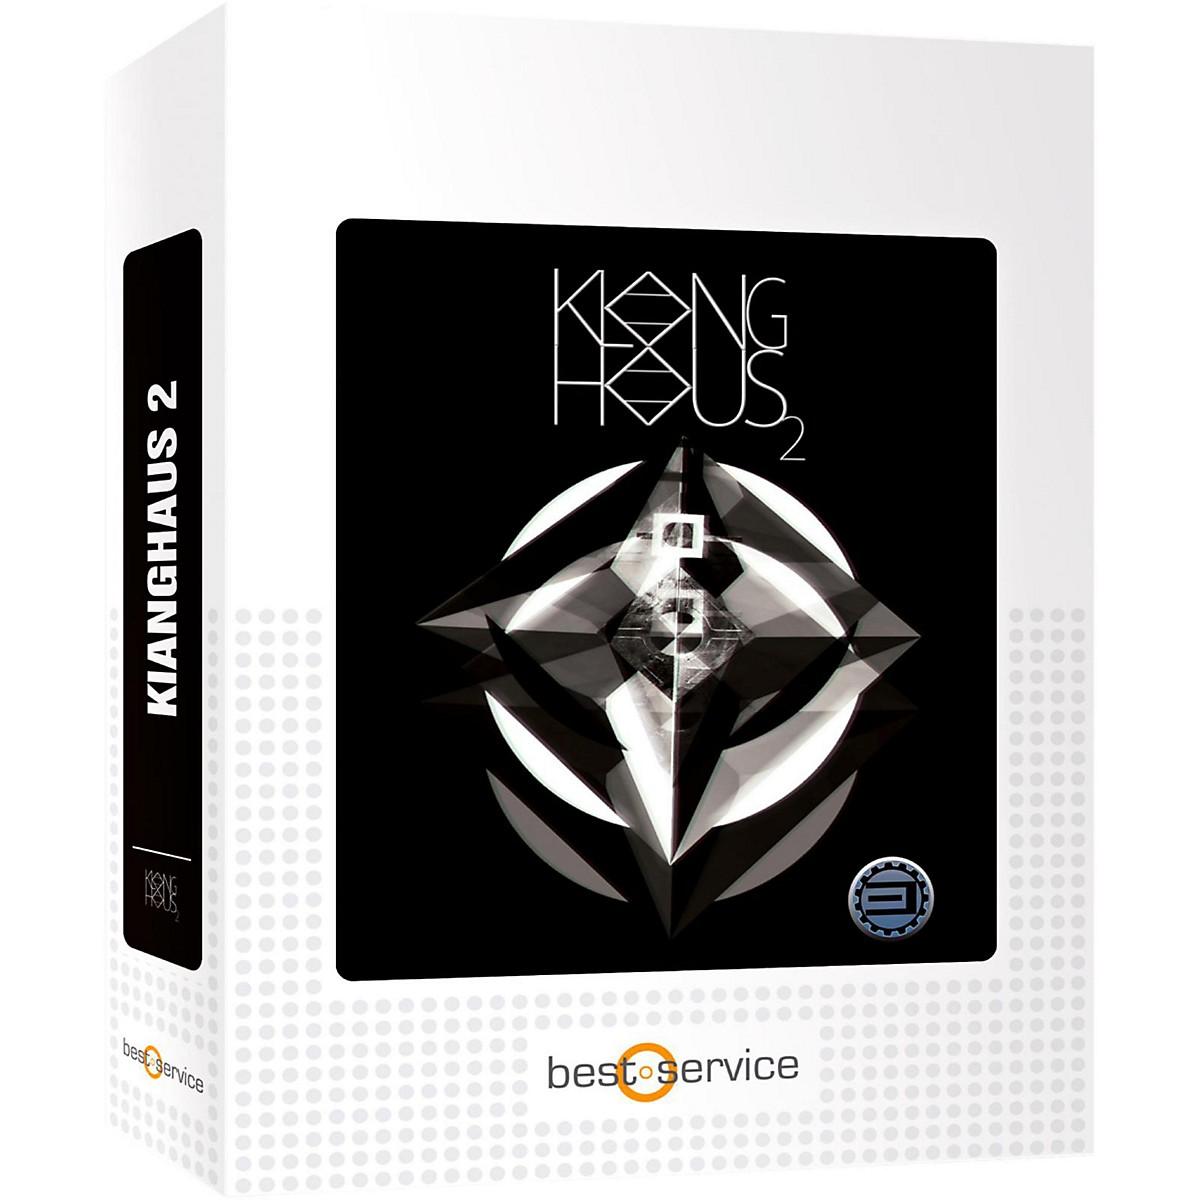 Best Service Ferdinand Foersch Klanghaus 2